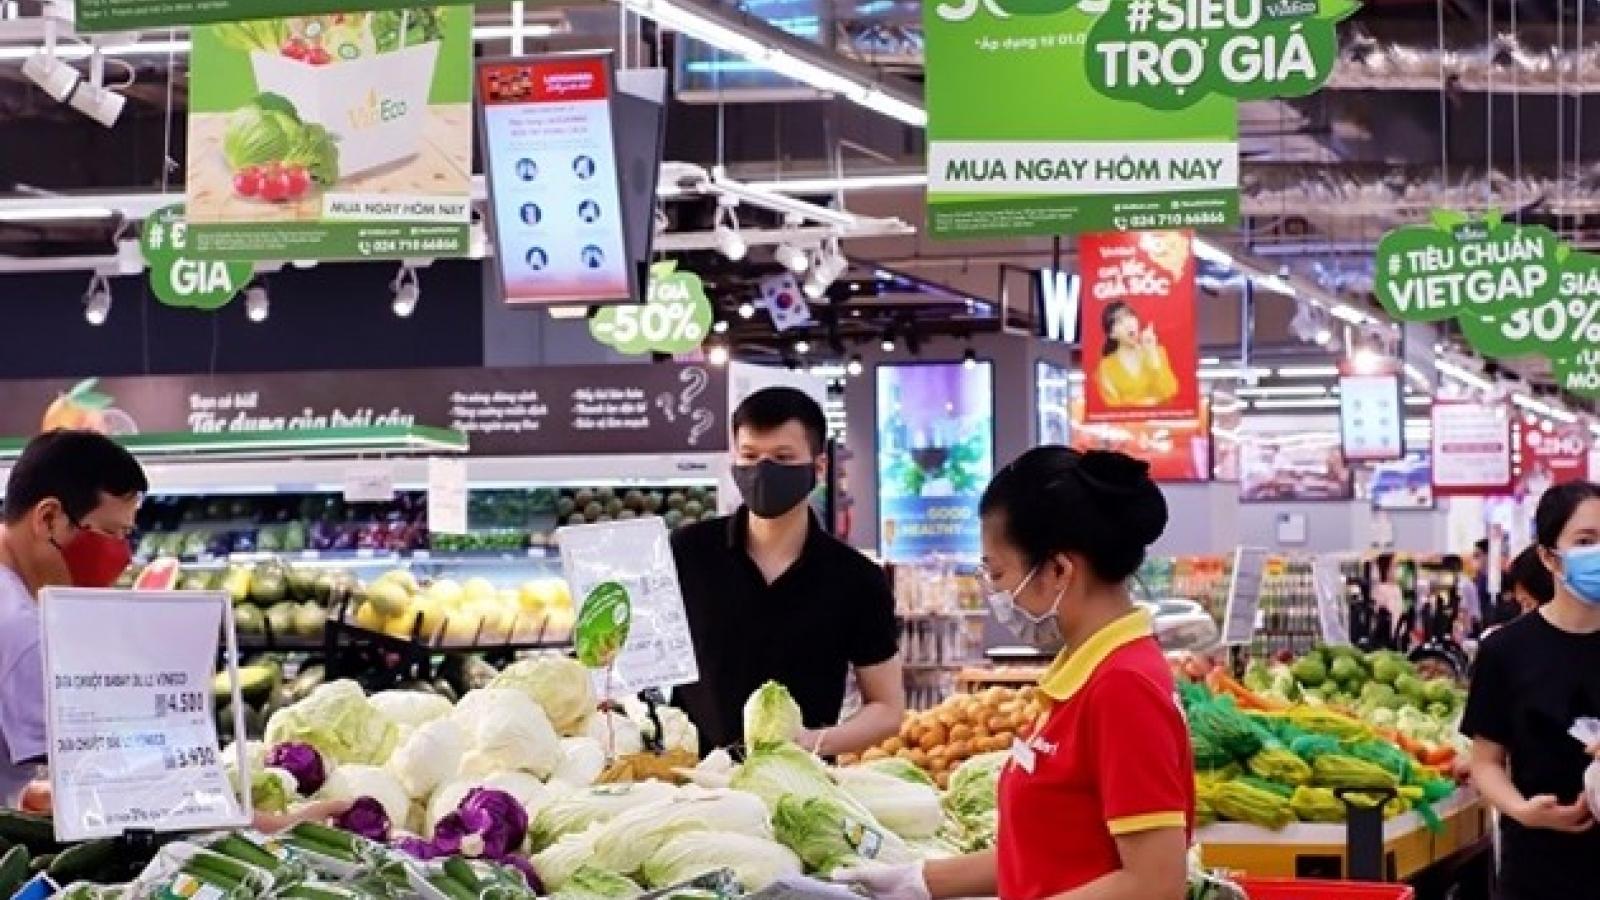 Masan sở hữu nhiều công ty Top 10 Doanh nghiệp Thực phẩm - Đồ uốngvà Bán lẻ uy tín 2021